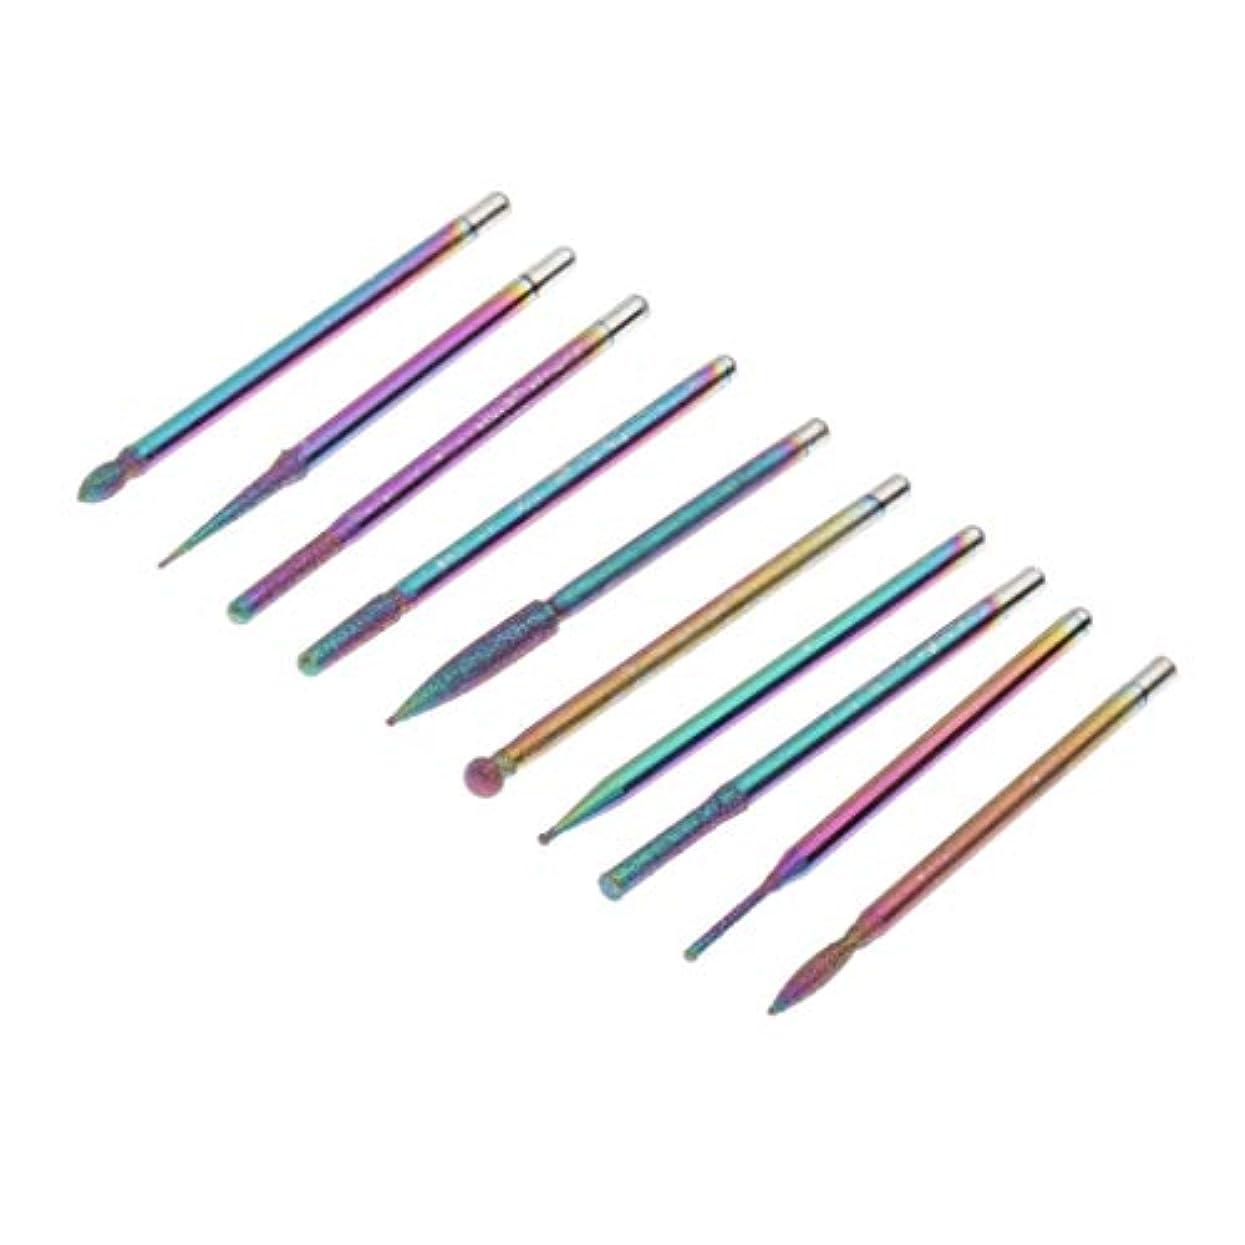 緩やかな噴水ビタミンSM SunniMix ネイルアート ドリルビット セット 研削ヘッド 研磨ヘッド ネイルビット 爪磨き ツール 約10個 全3色 - 03